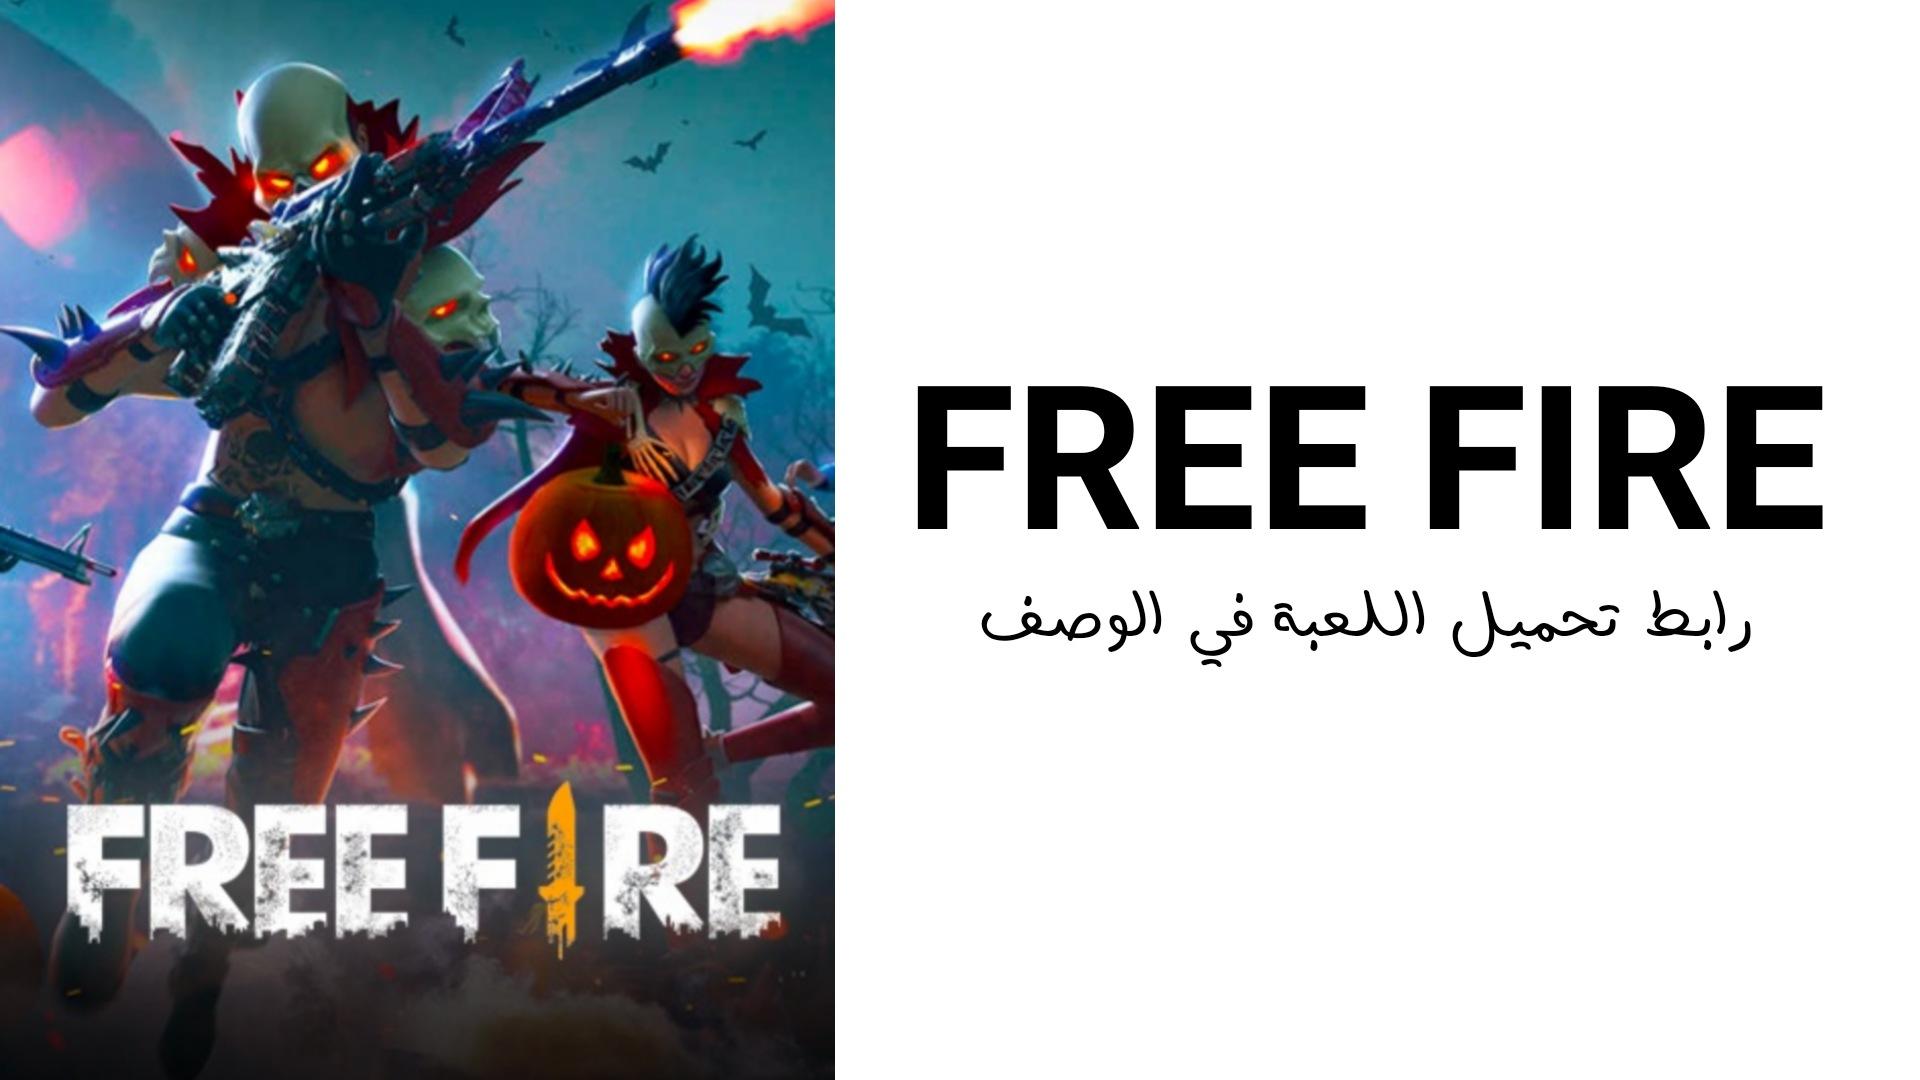 العاب يلعبها الجميع | اكثر 10 العاب لعبا في بلاي ستور لشهر اكتوبر 2020 |  العاب خرافية عليك تجربتها COD ,among us, free fire